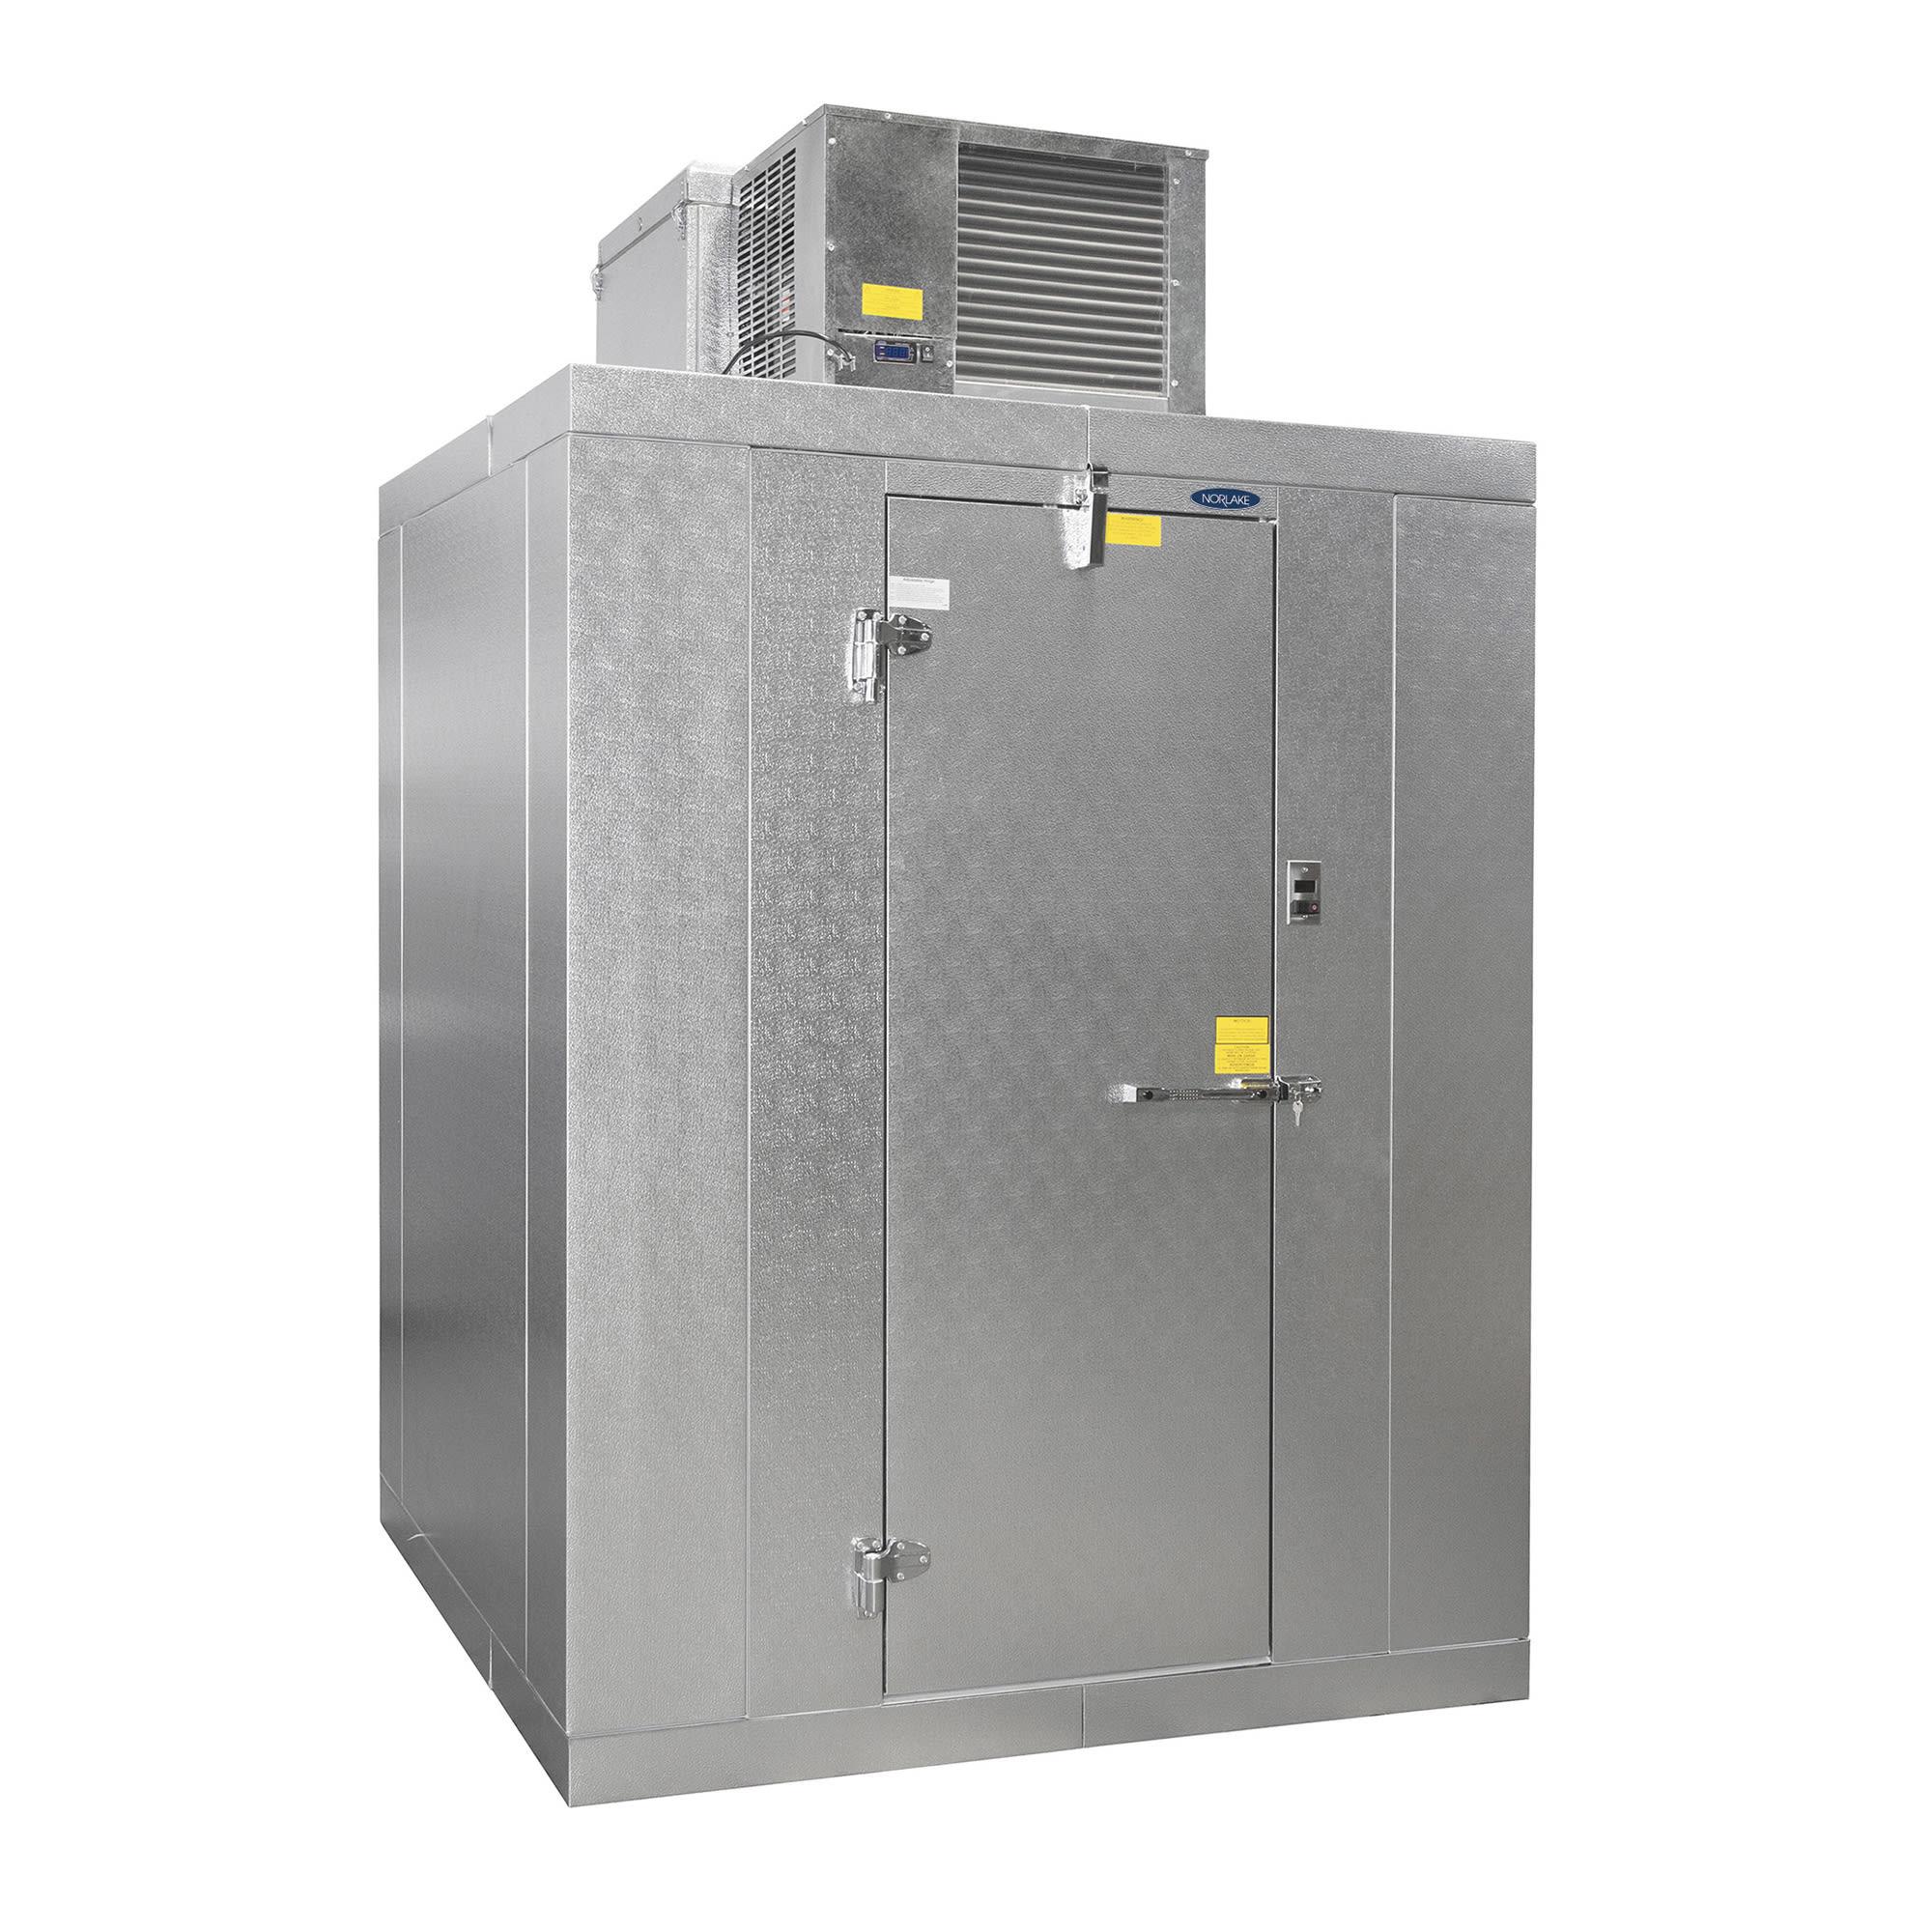 Norlake KLF612-C Indoor Walk-In Freezer w/ Top Mount Compressor, 6' x 12'